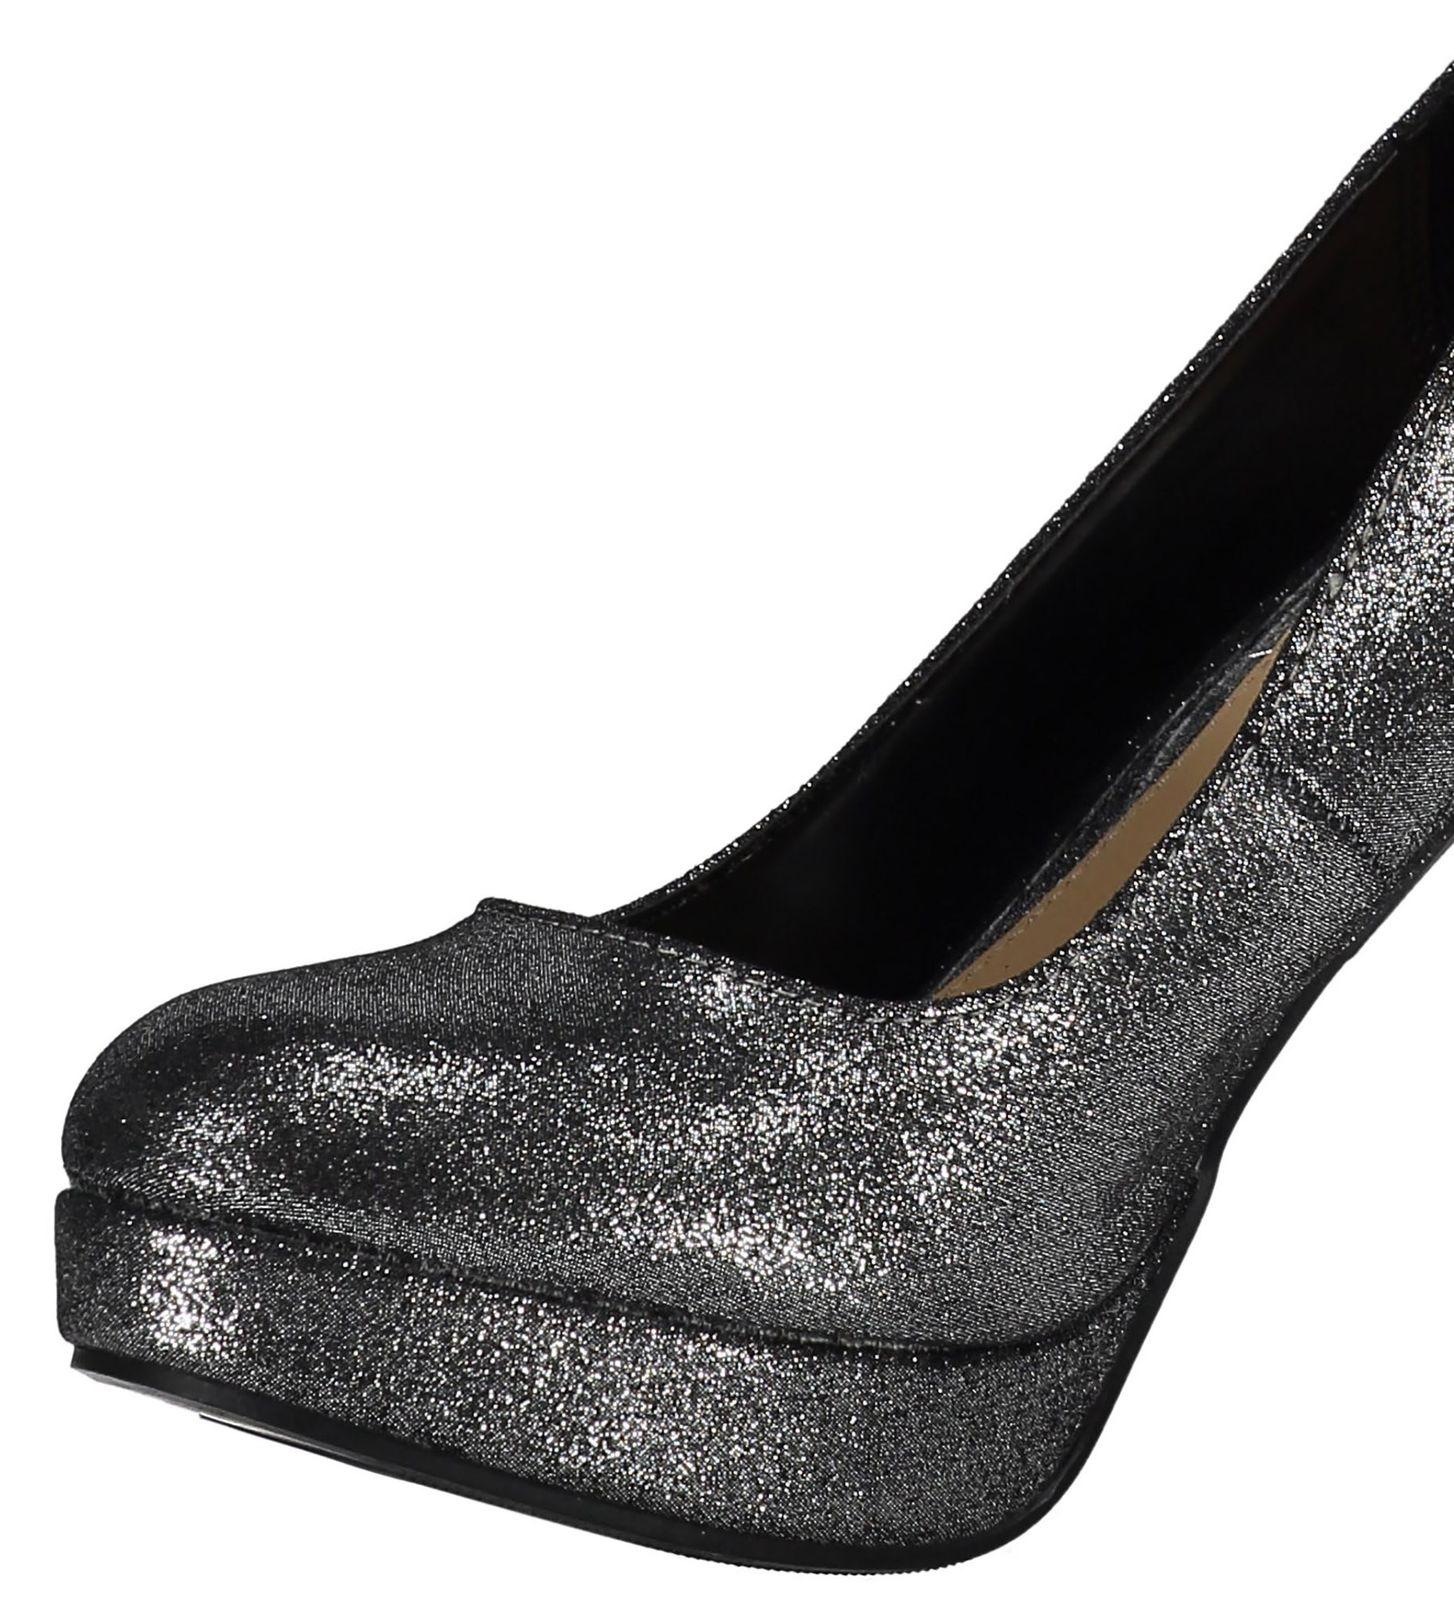 کفش پاشنه بلند زنانه - هد اور هیلز بای دون لندن main 1 5